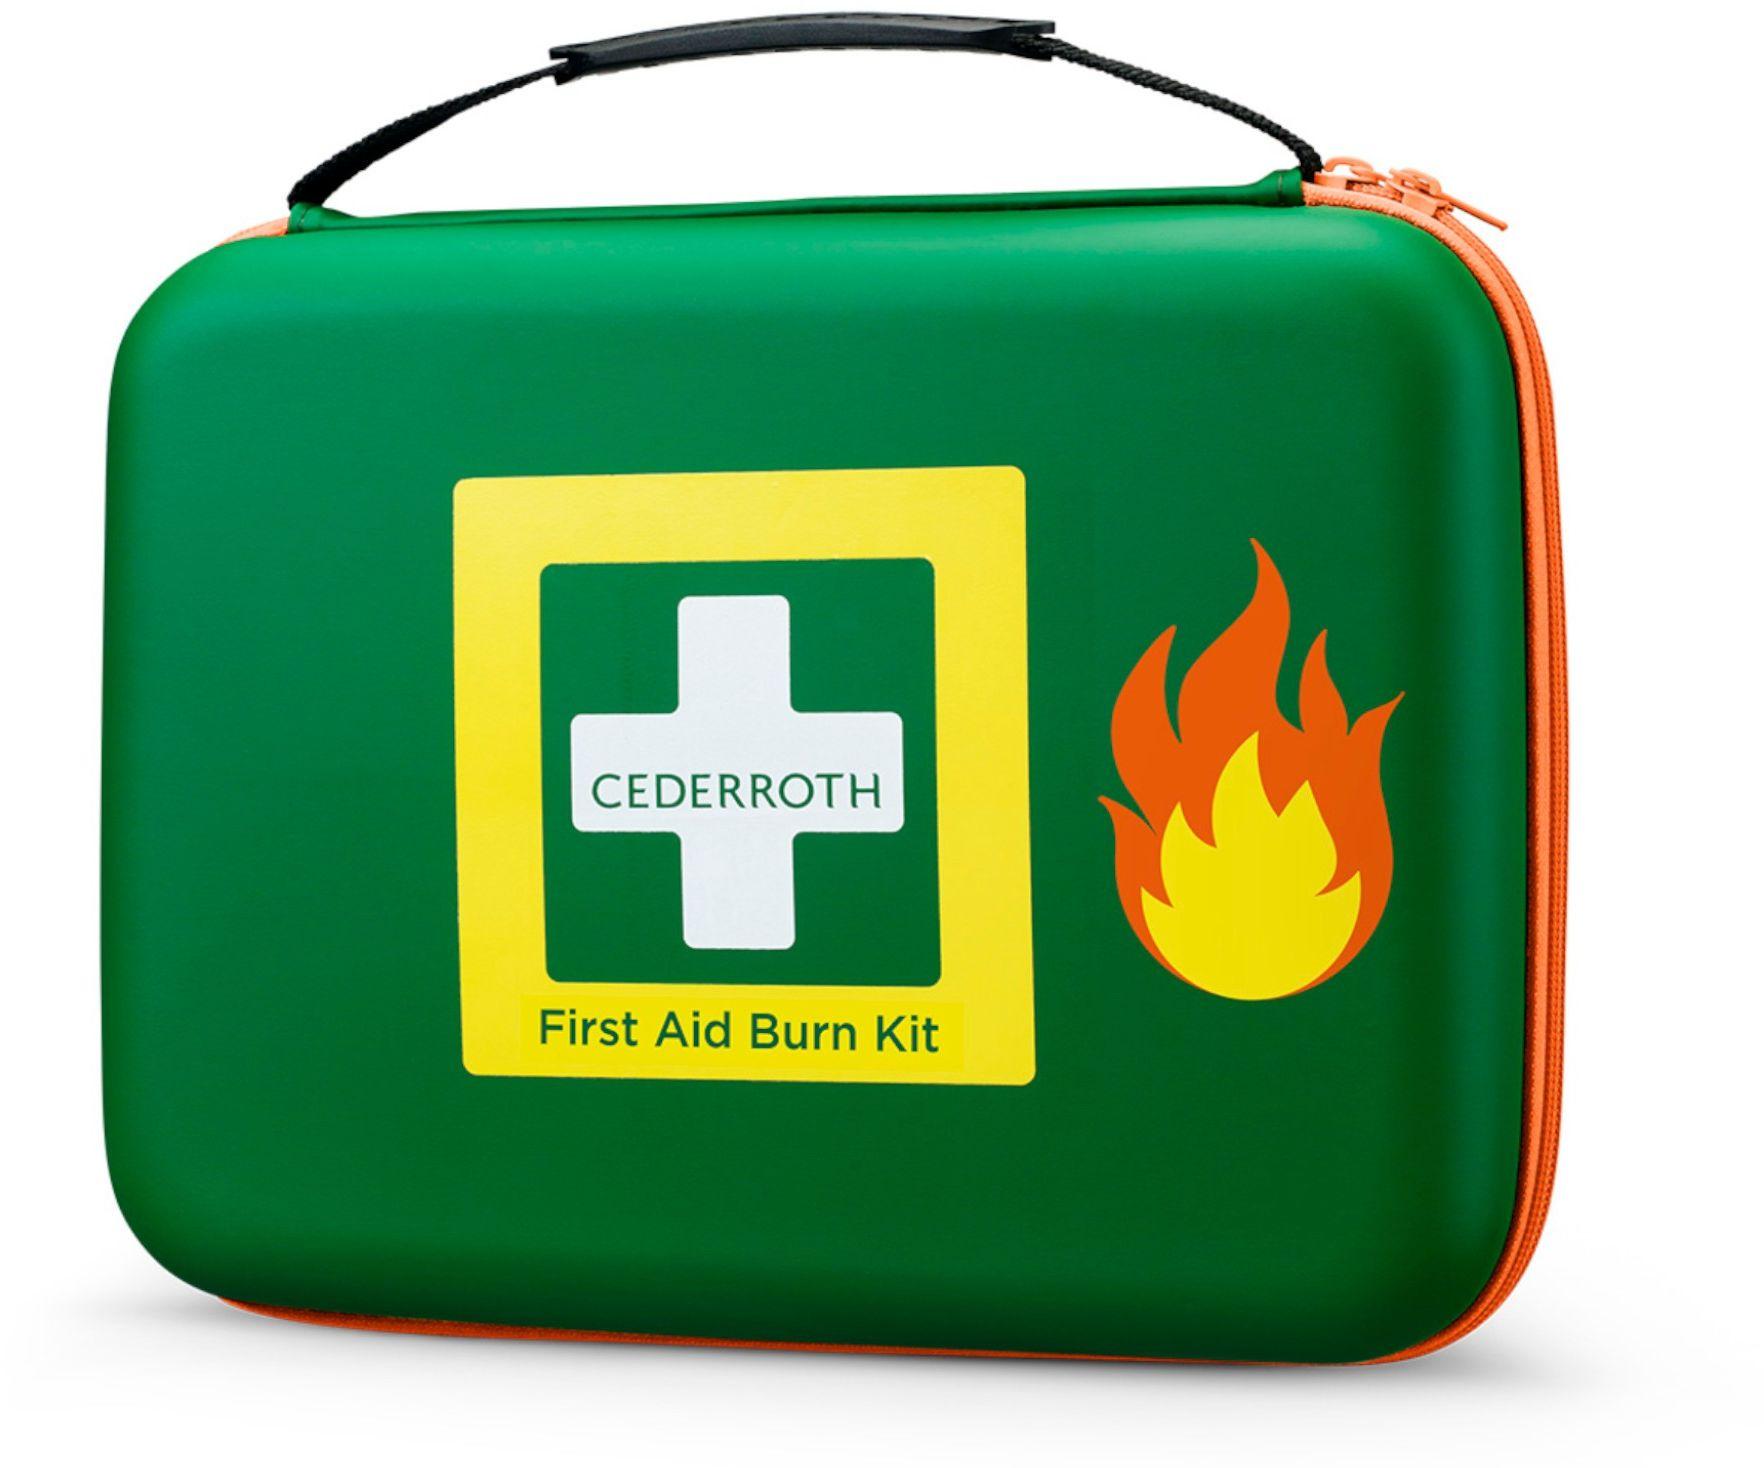 NOWOŚĆ Zestaw na oparzenia Cederroth First Aid Burn Kit - straż pożarna